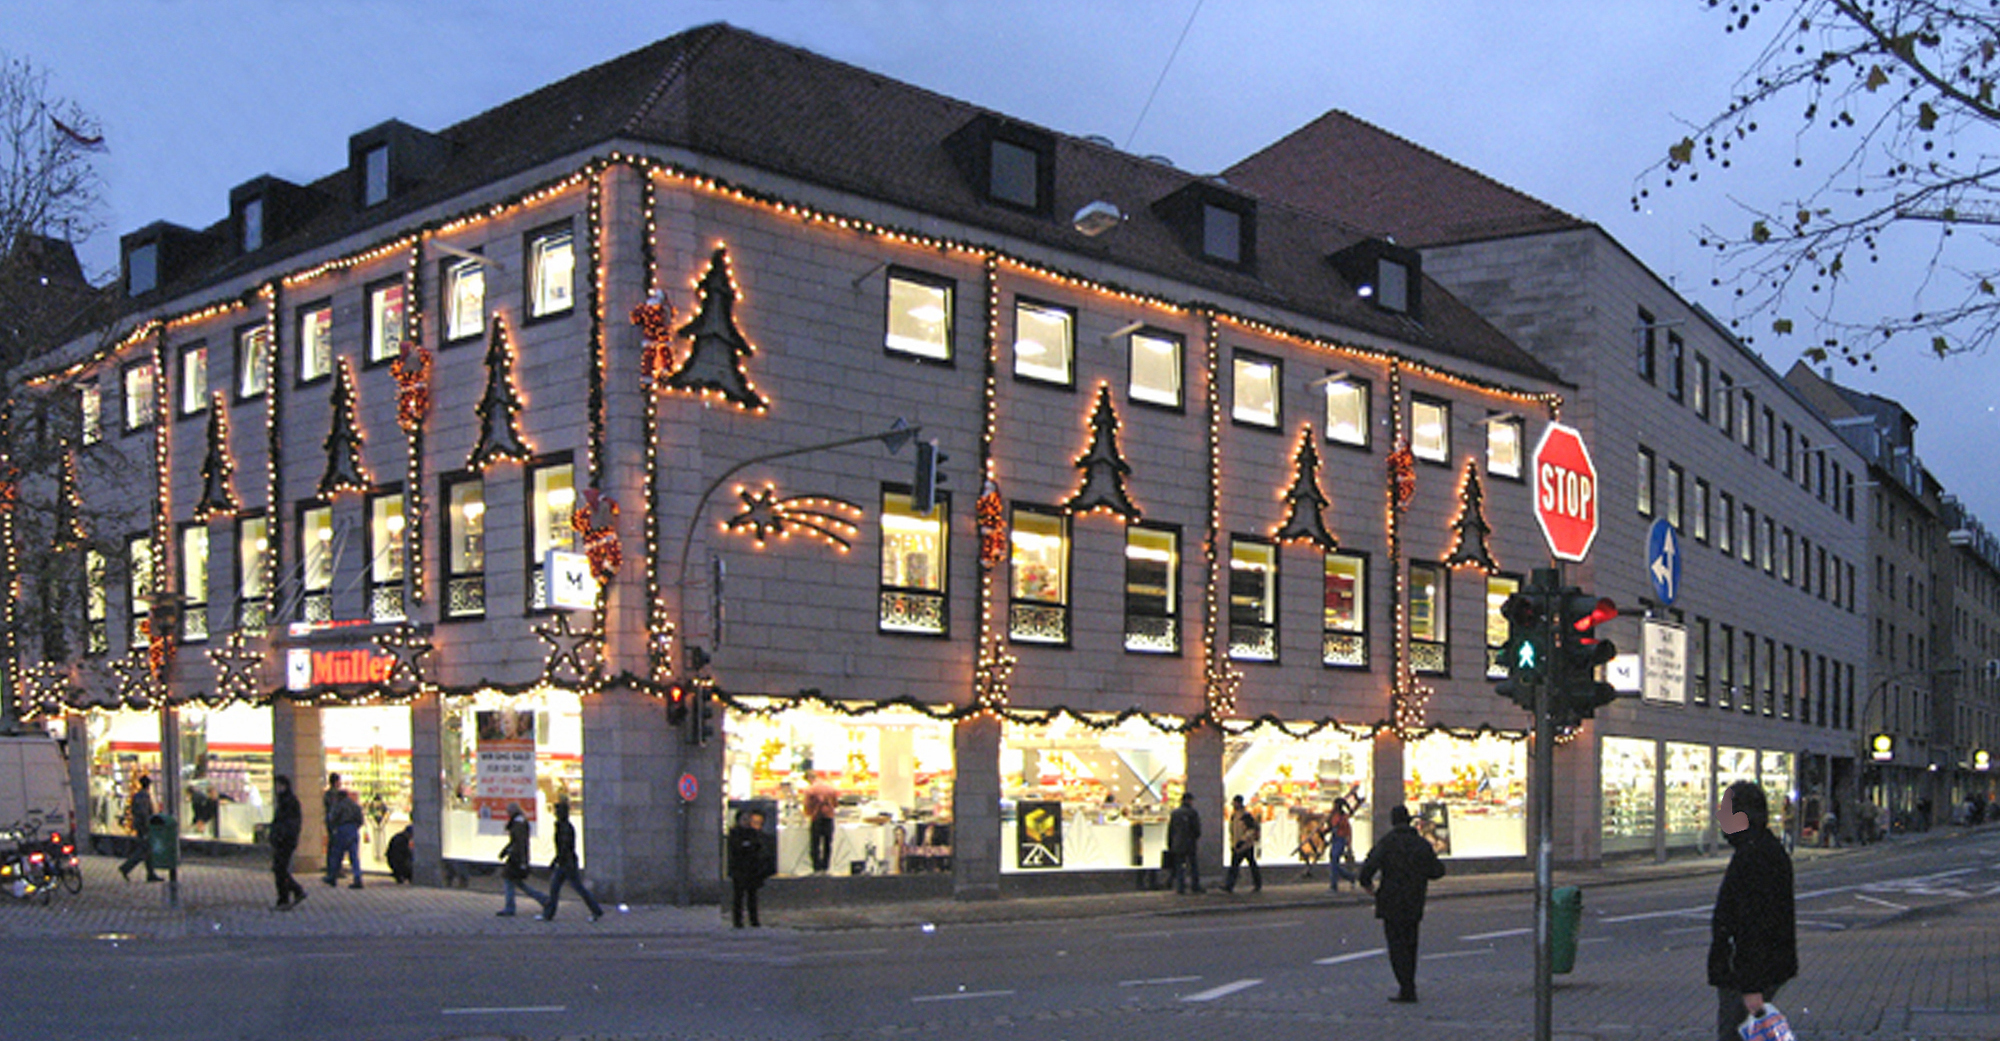 Drogeriemarkt Müller Bamberg